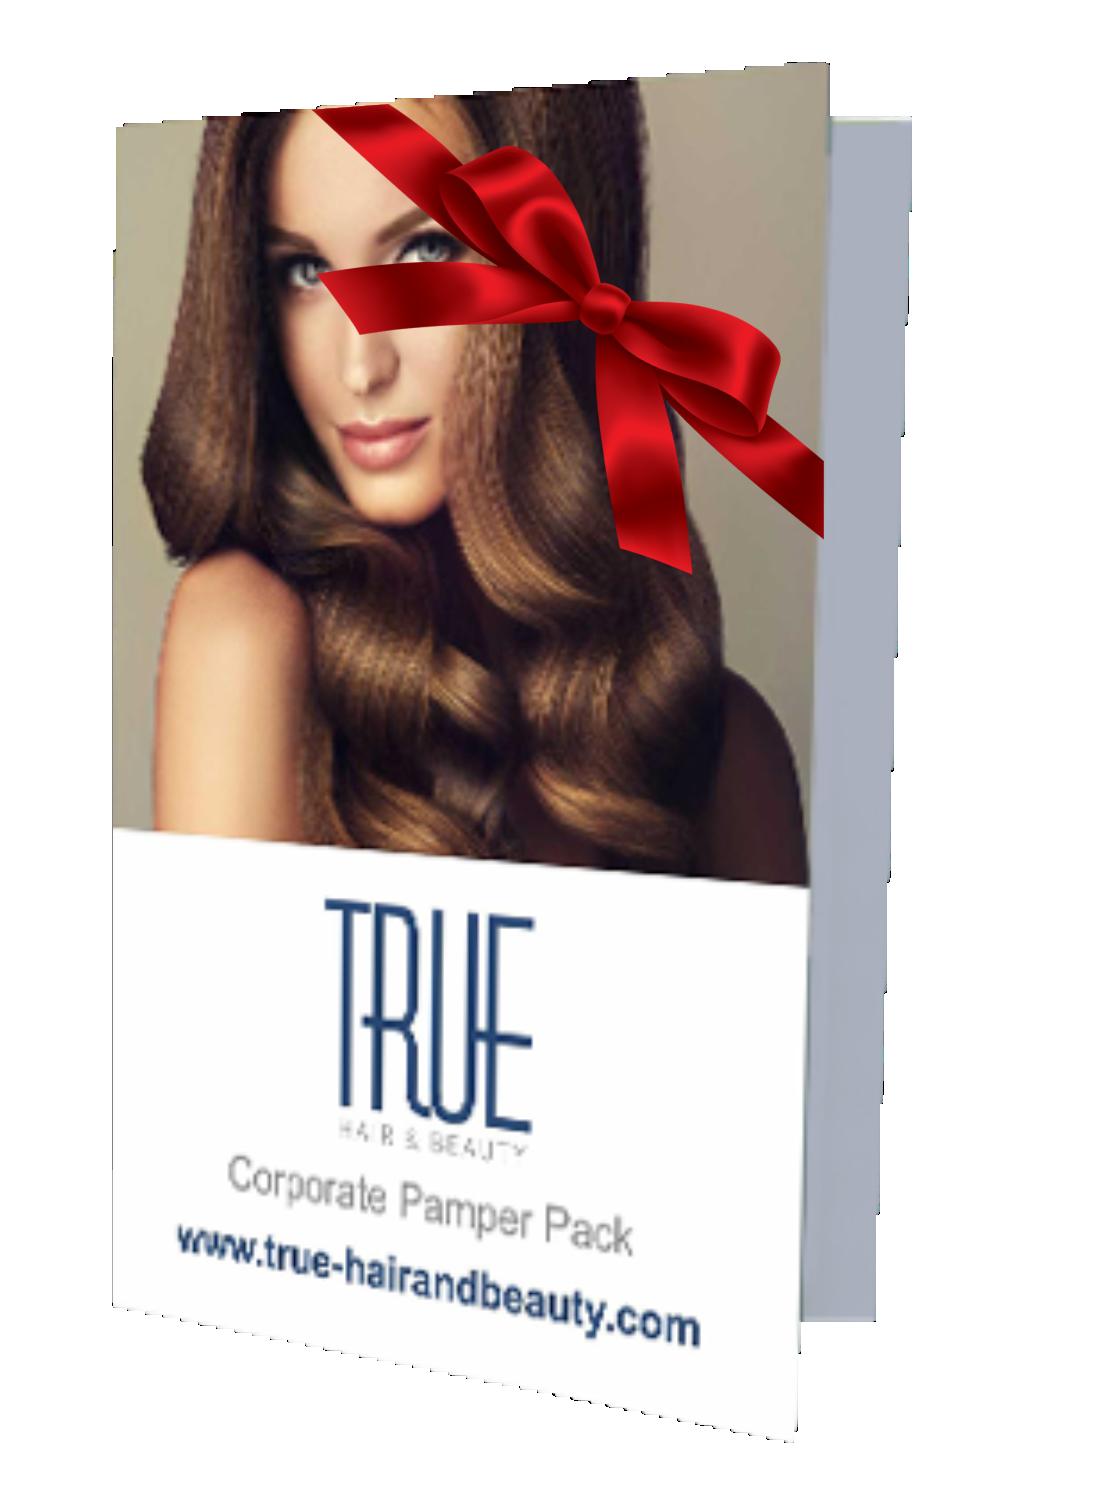 hairdresser offers True Hair & Beauty